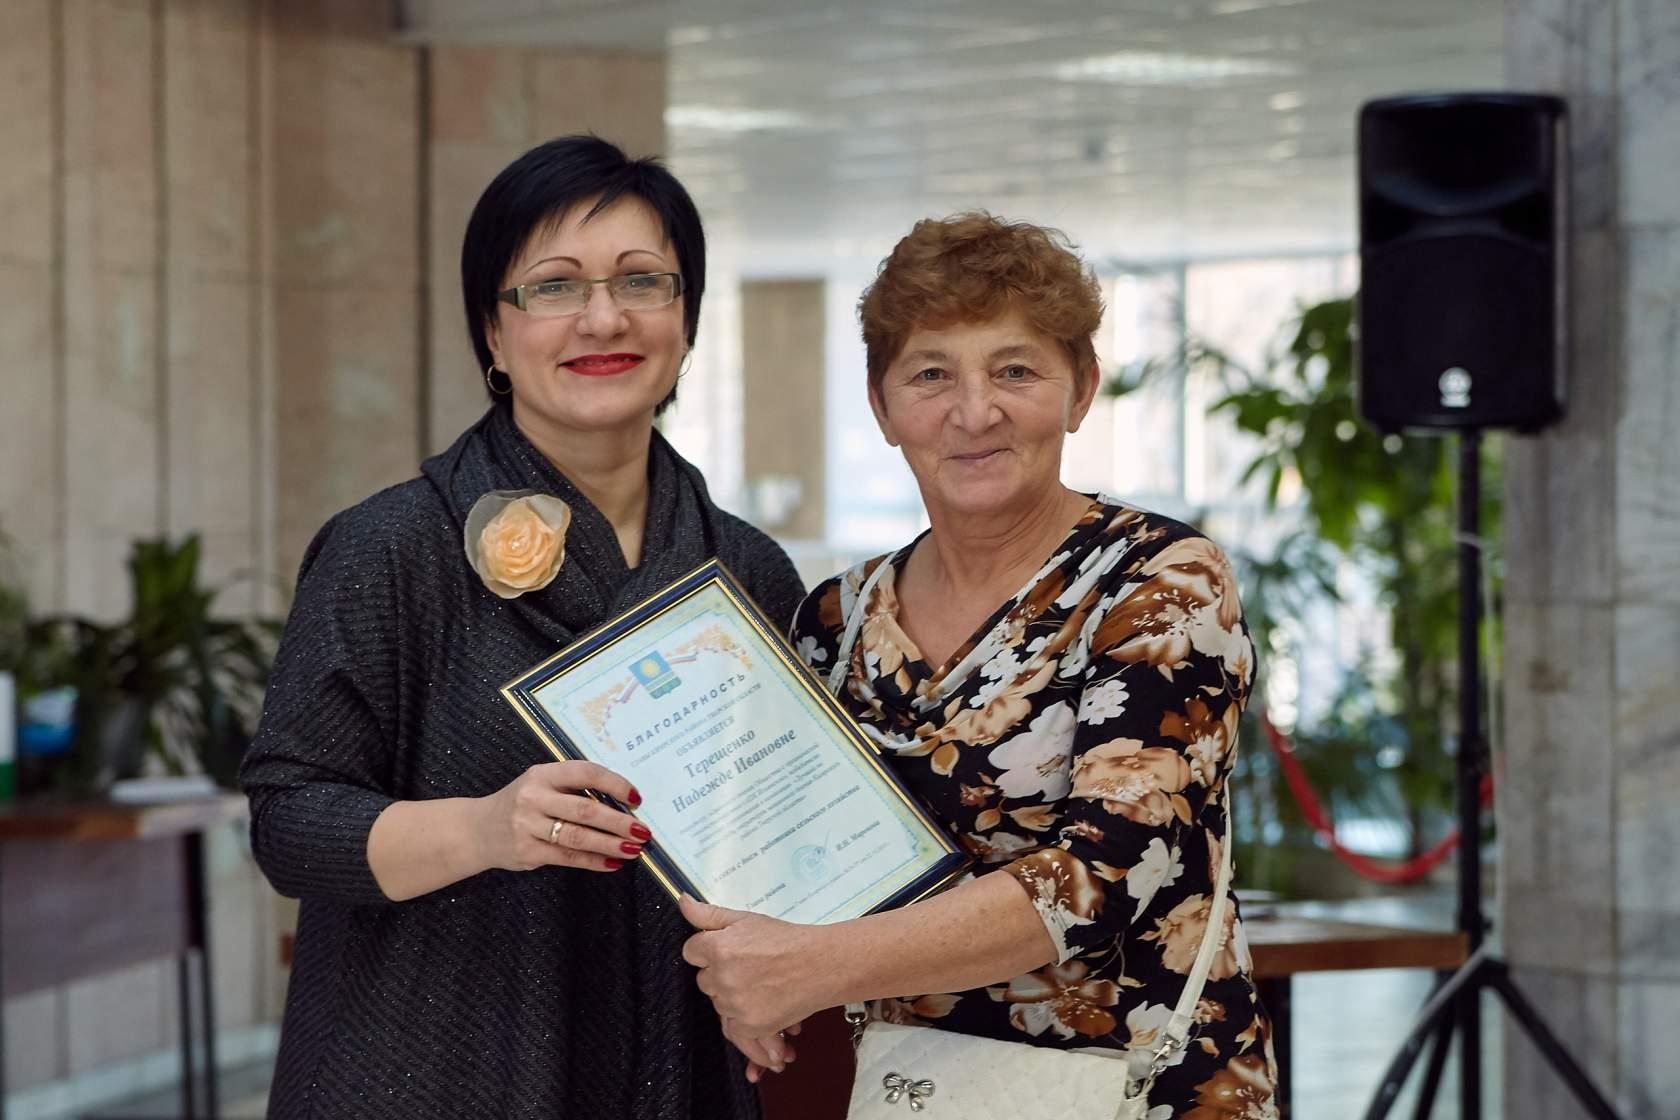 В День работников сельского хозяйства Кимрский район отпраздновал хороший урожай